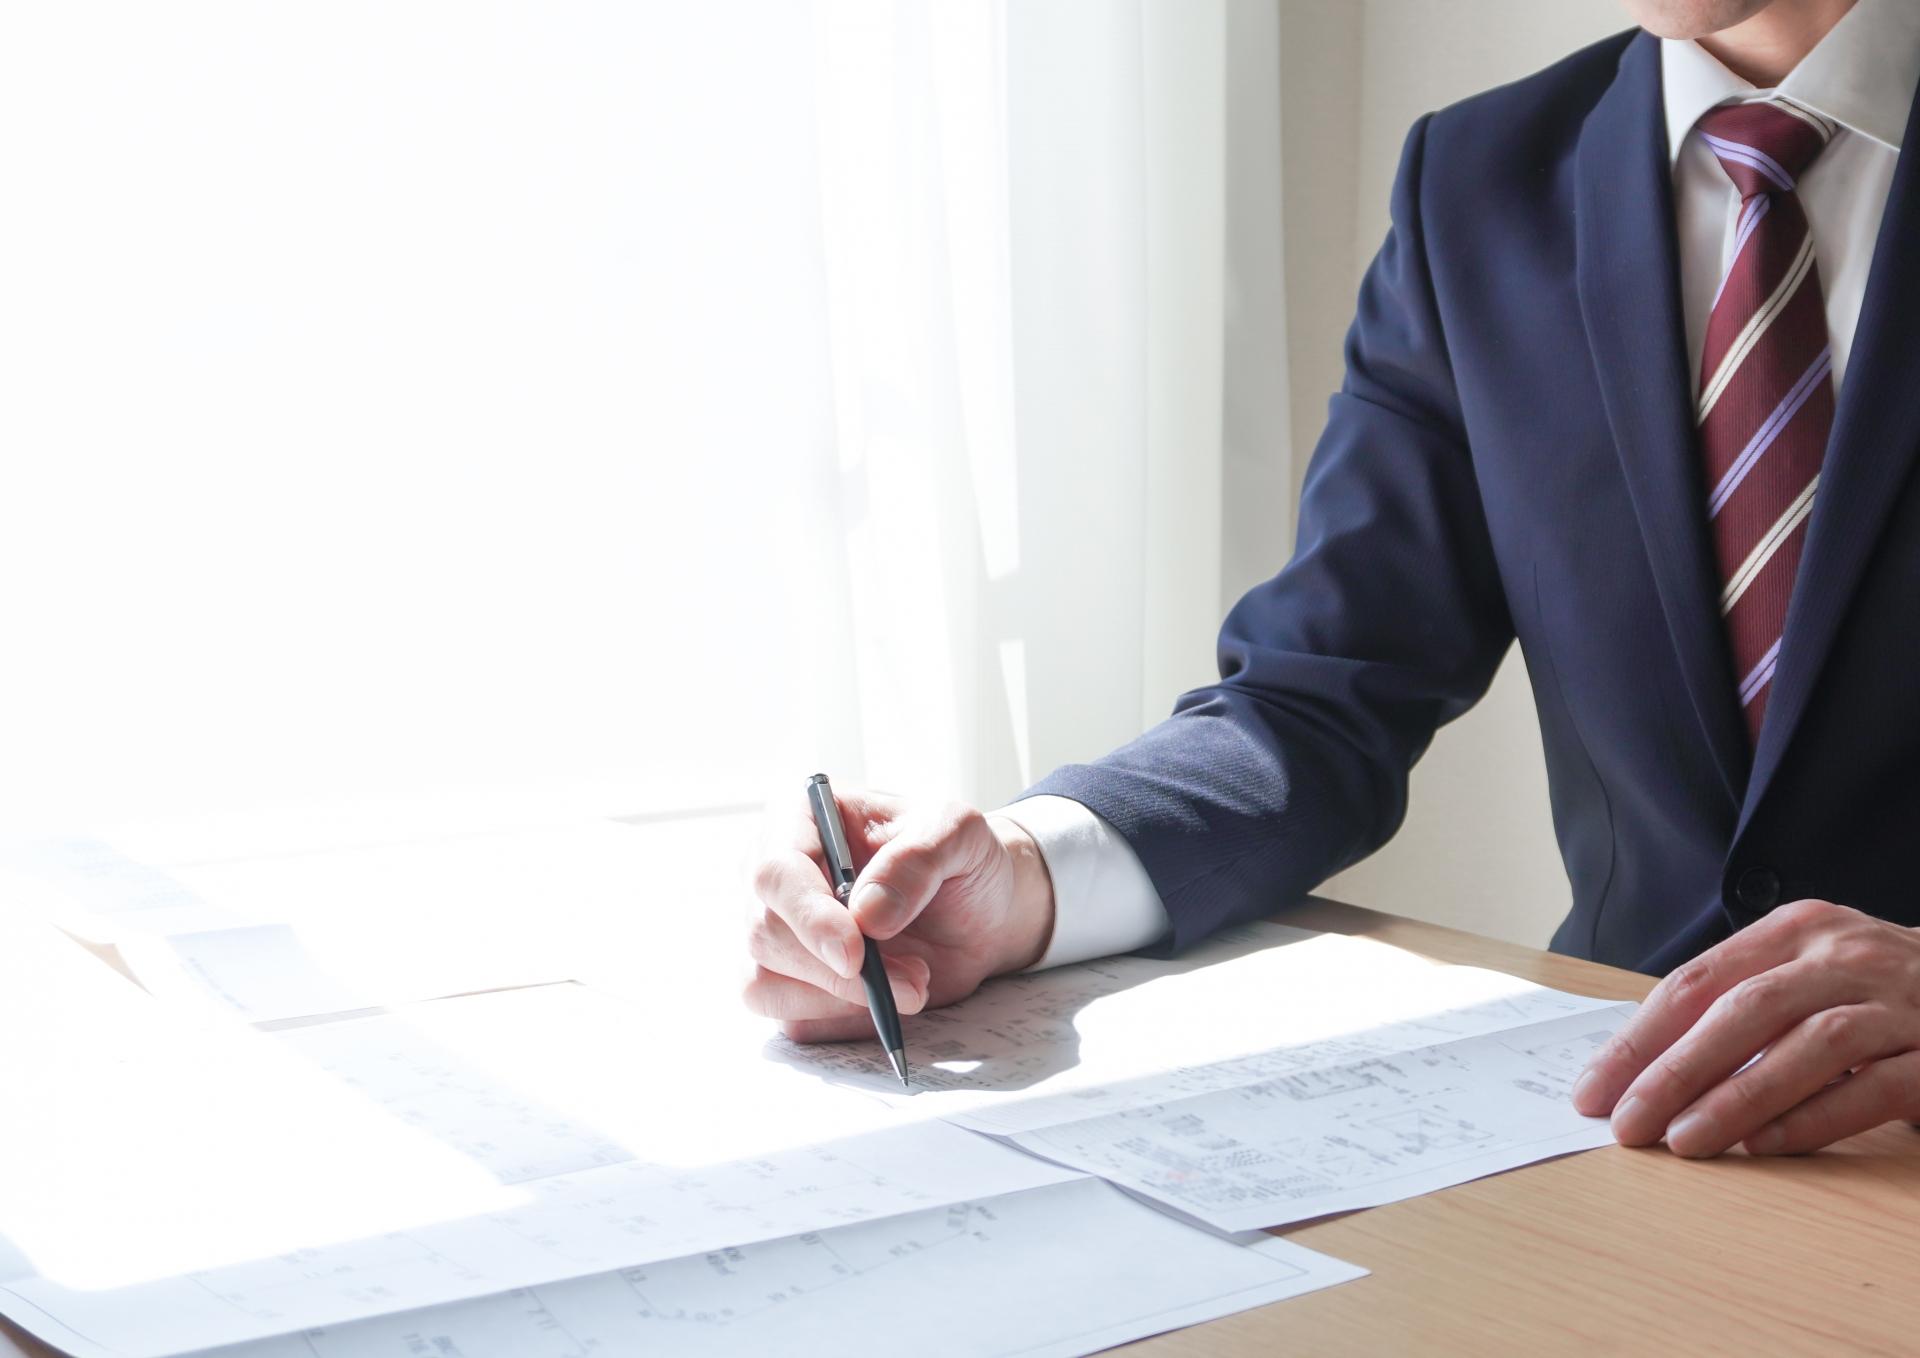 補助金申請で重要な事業計画書作成の3つポイント